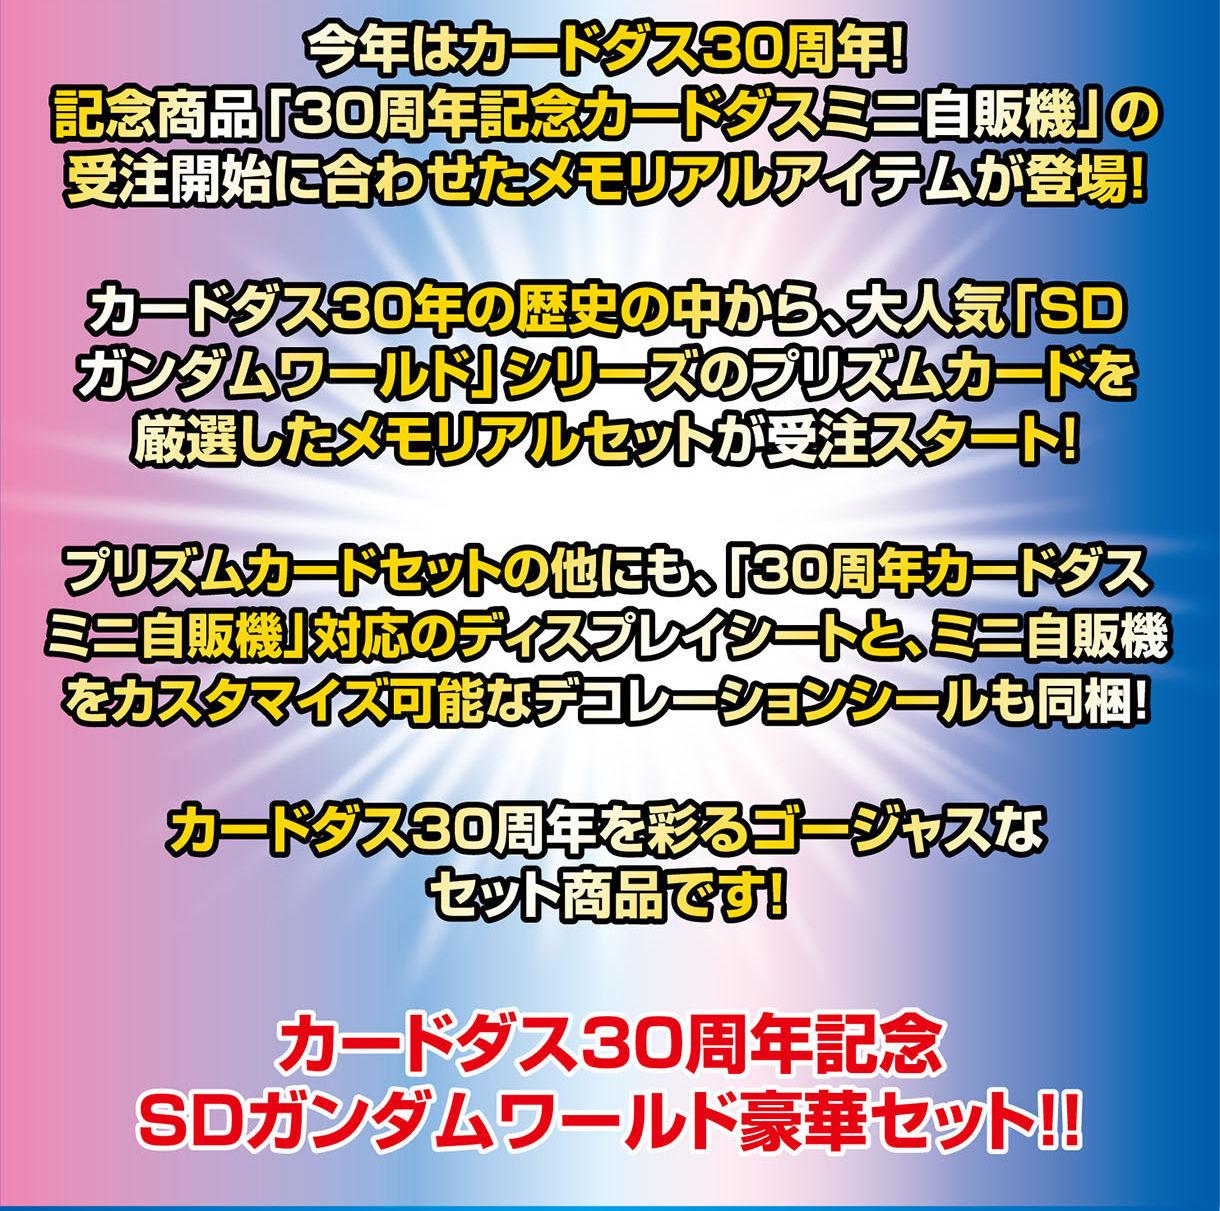 カードダス30周年記念 SDガンダムワールド豪華セット!!